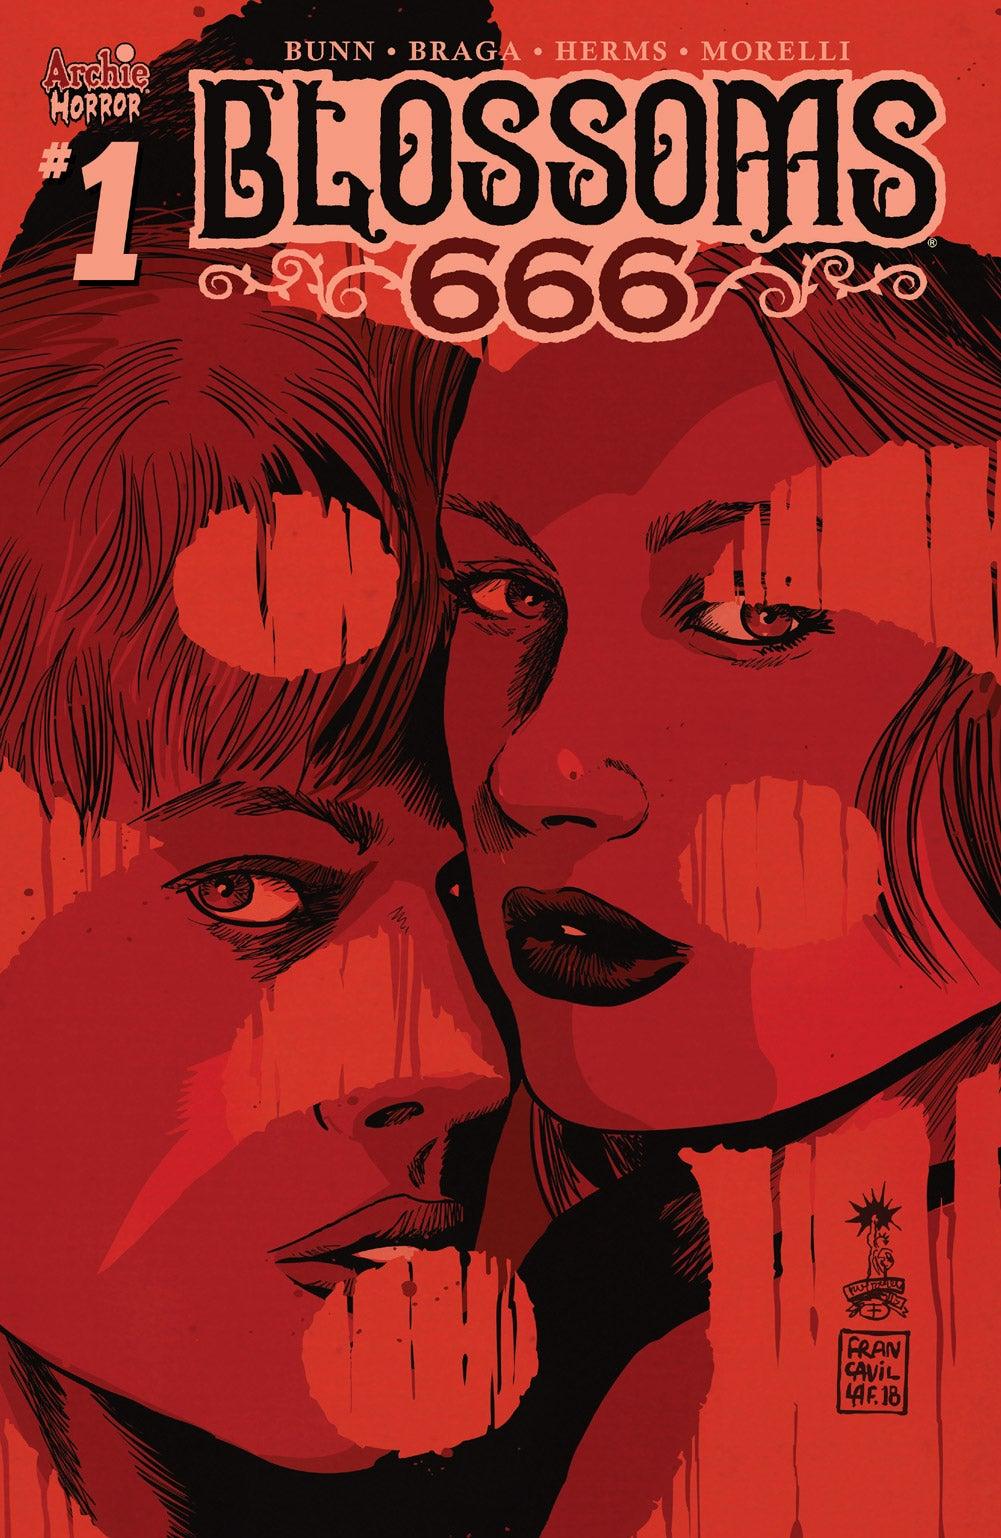 Image: Francesco Francavilla, Archie Comics